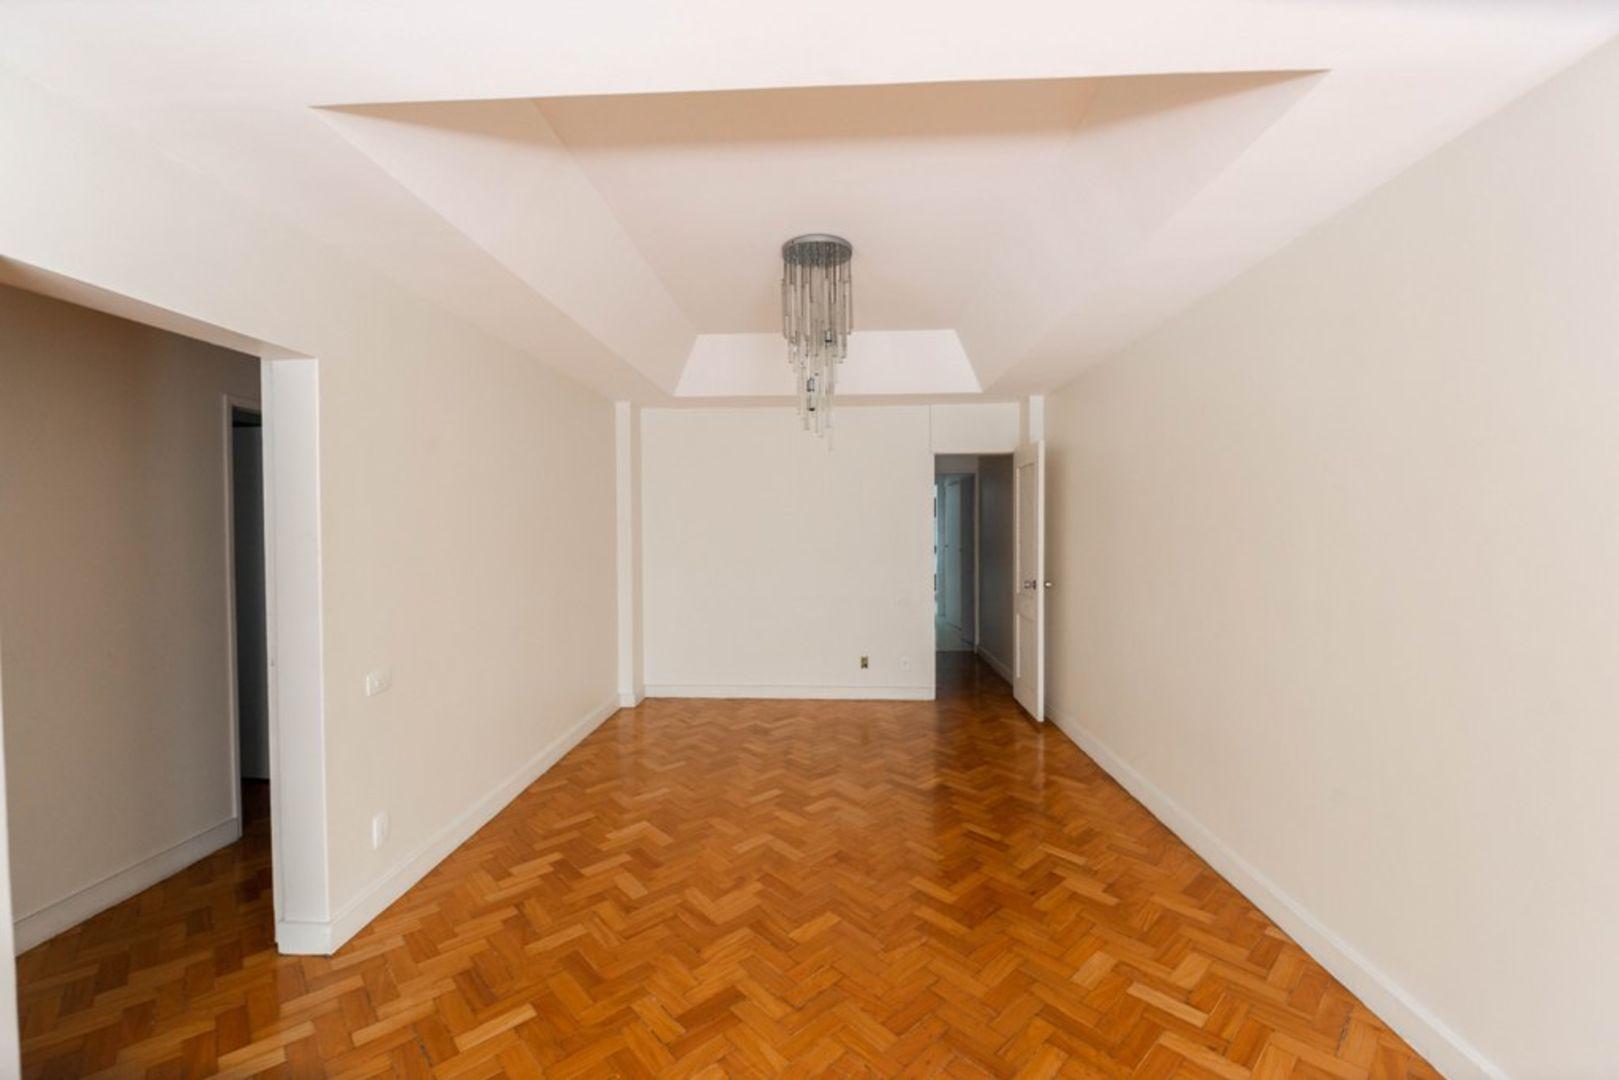 Imagem do Apartamento ID-2537 na Rua Prudente de Morais, Ipanema, Rio de Janeiro - RJ